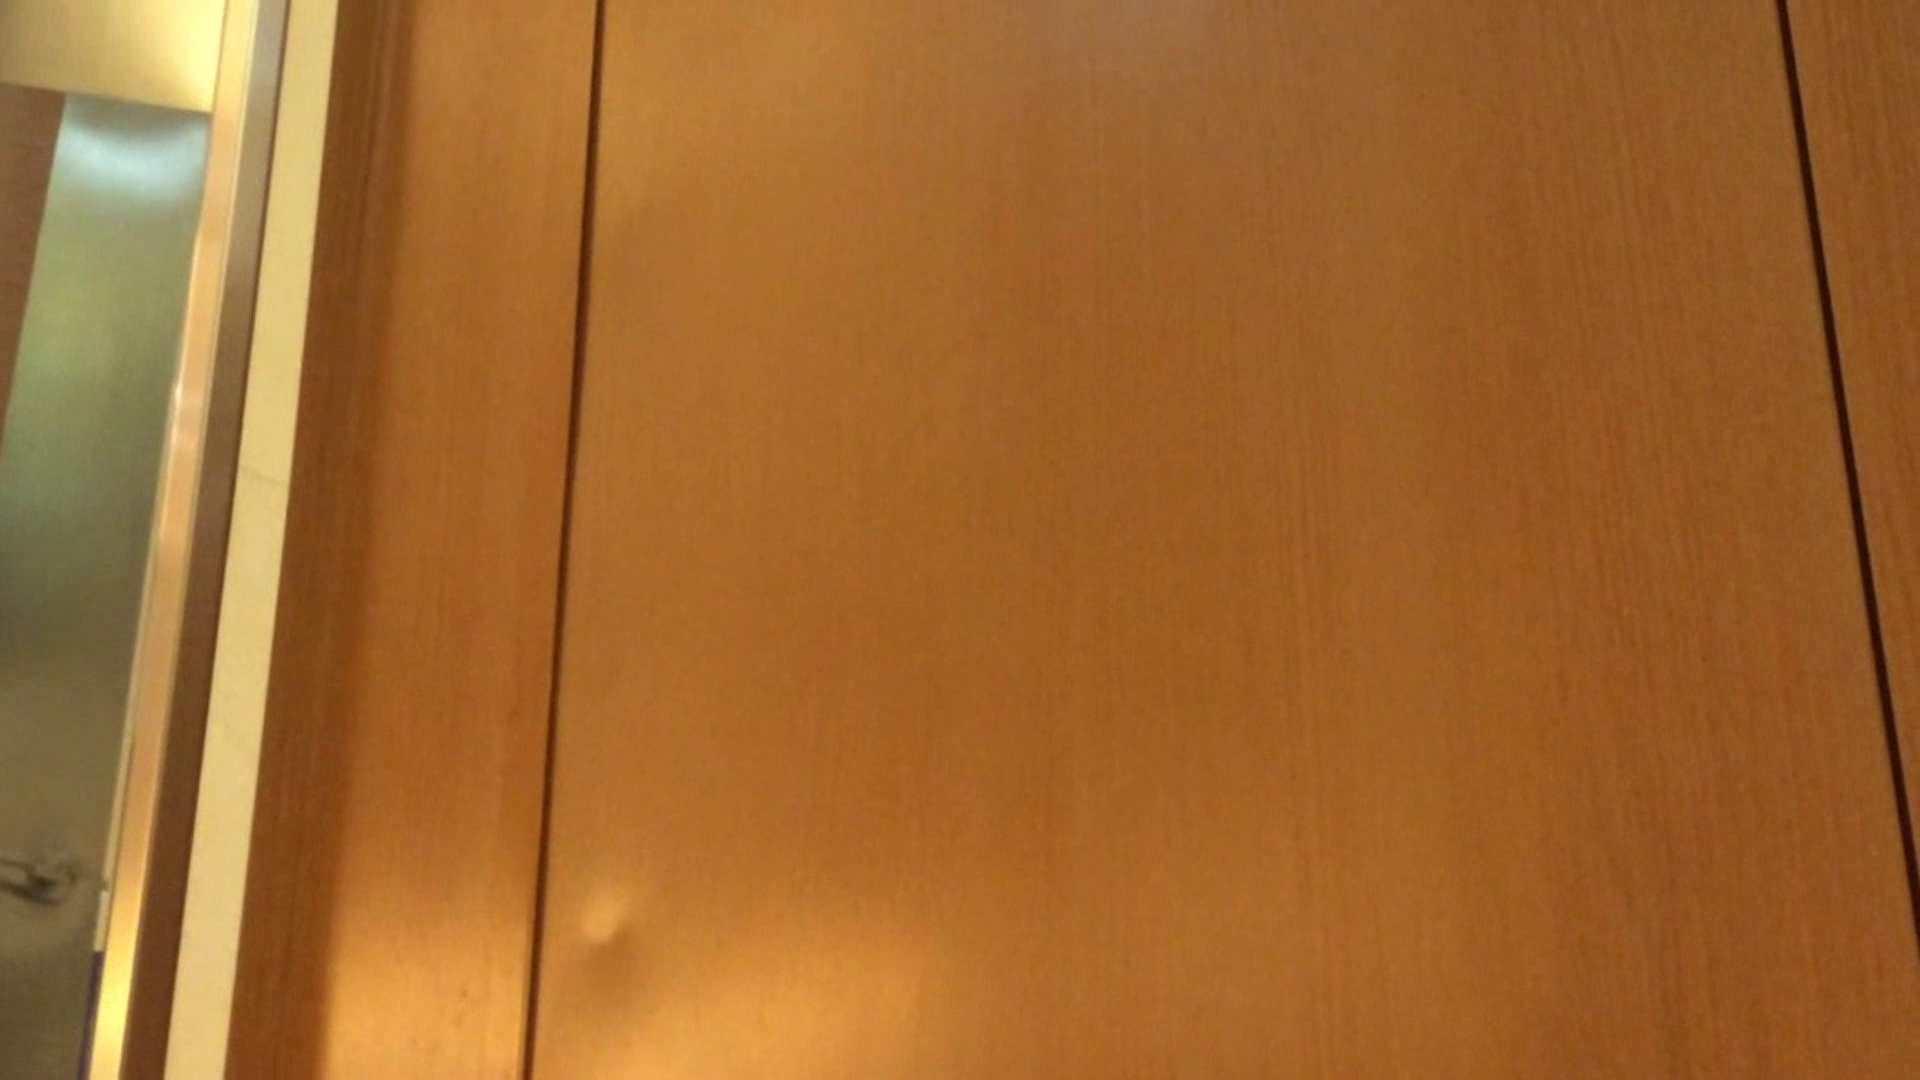 「噂」の国の厠観察日記2 Vol.05 厠 エロ無料画像 108連発 23